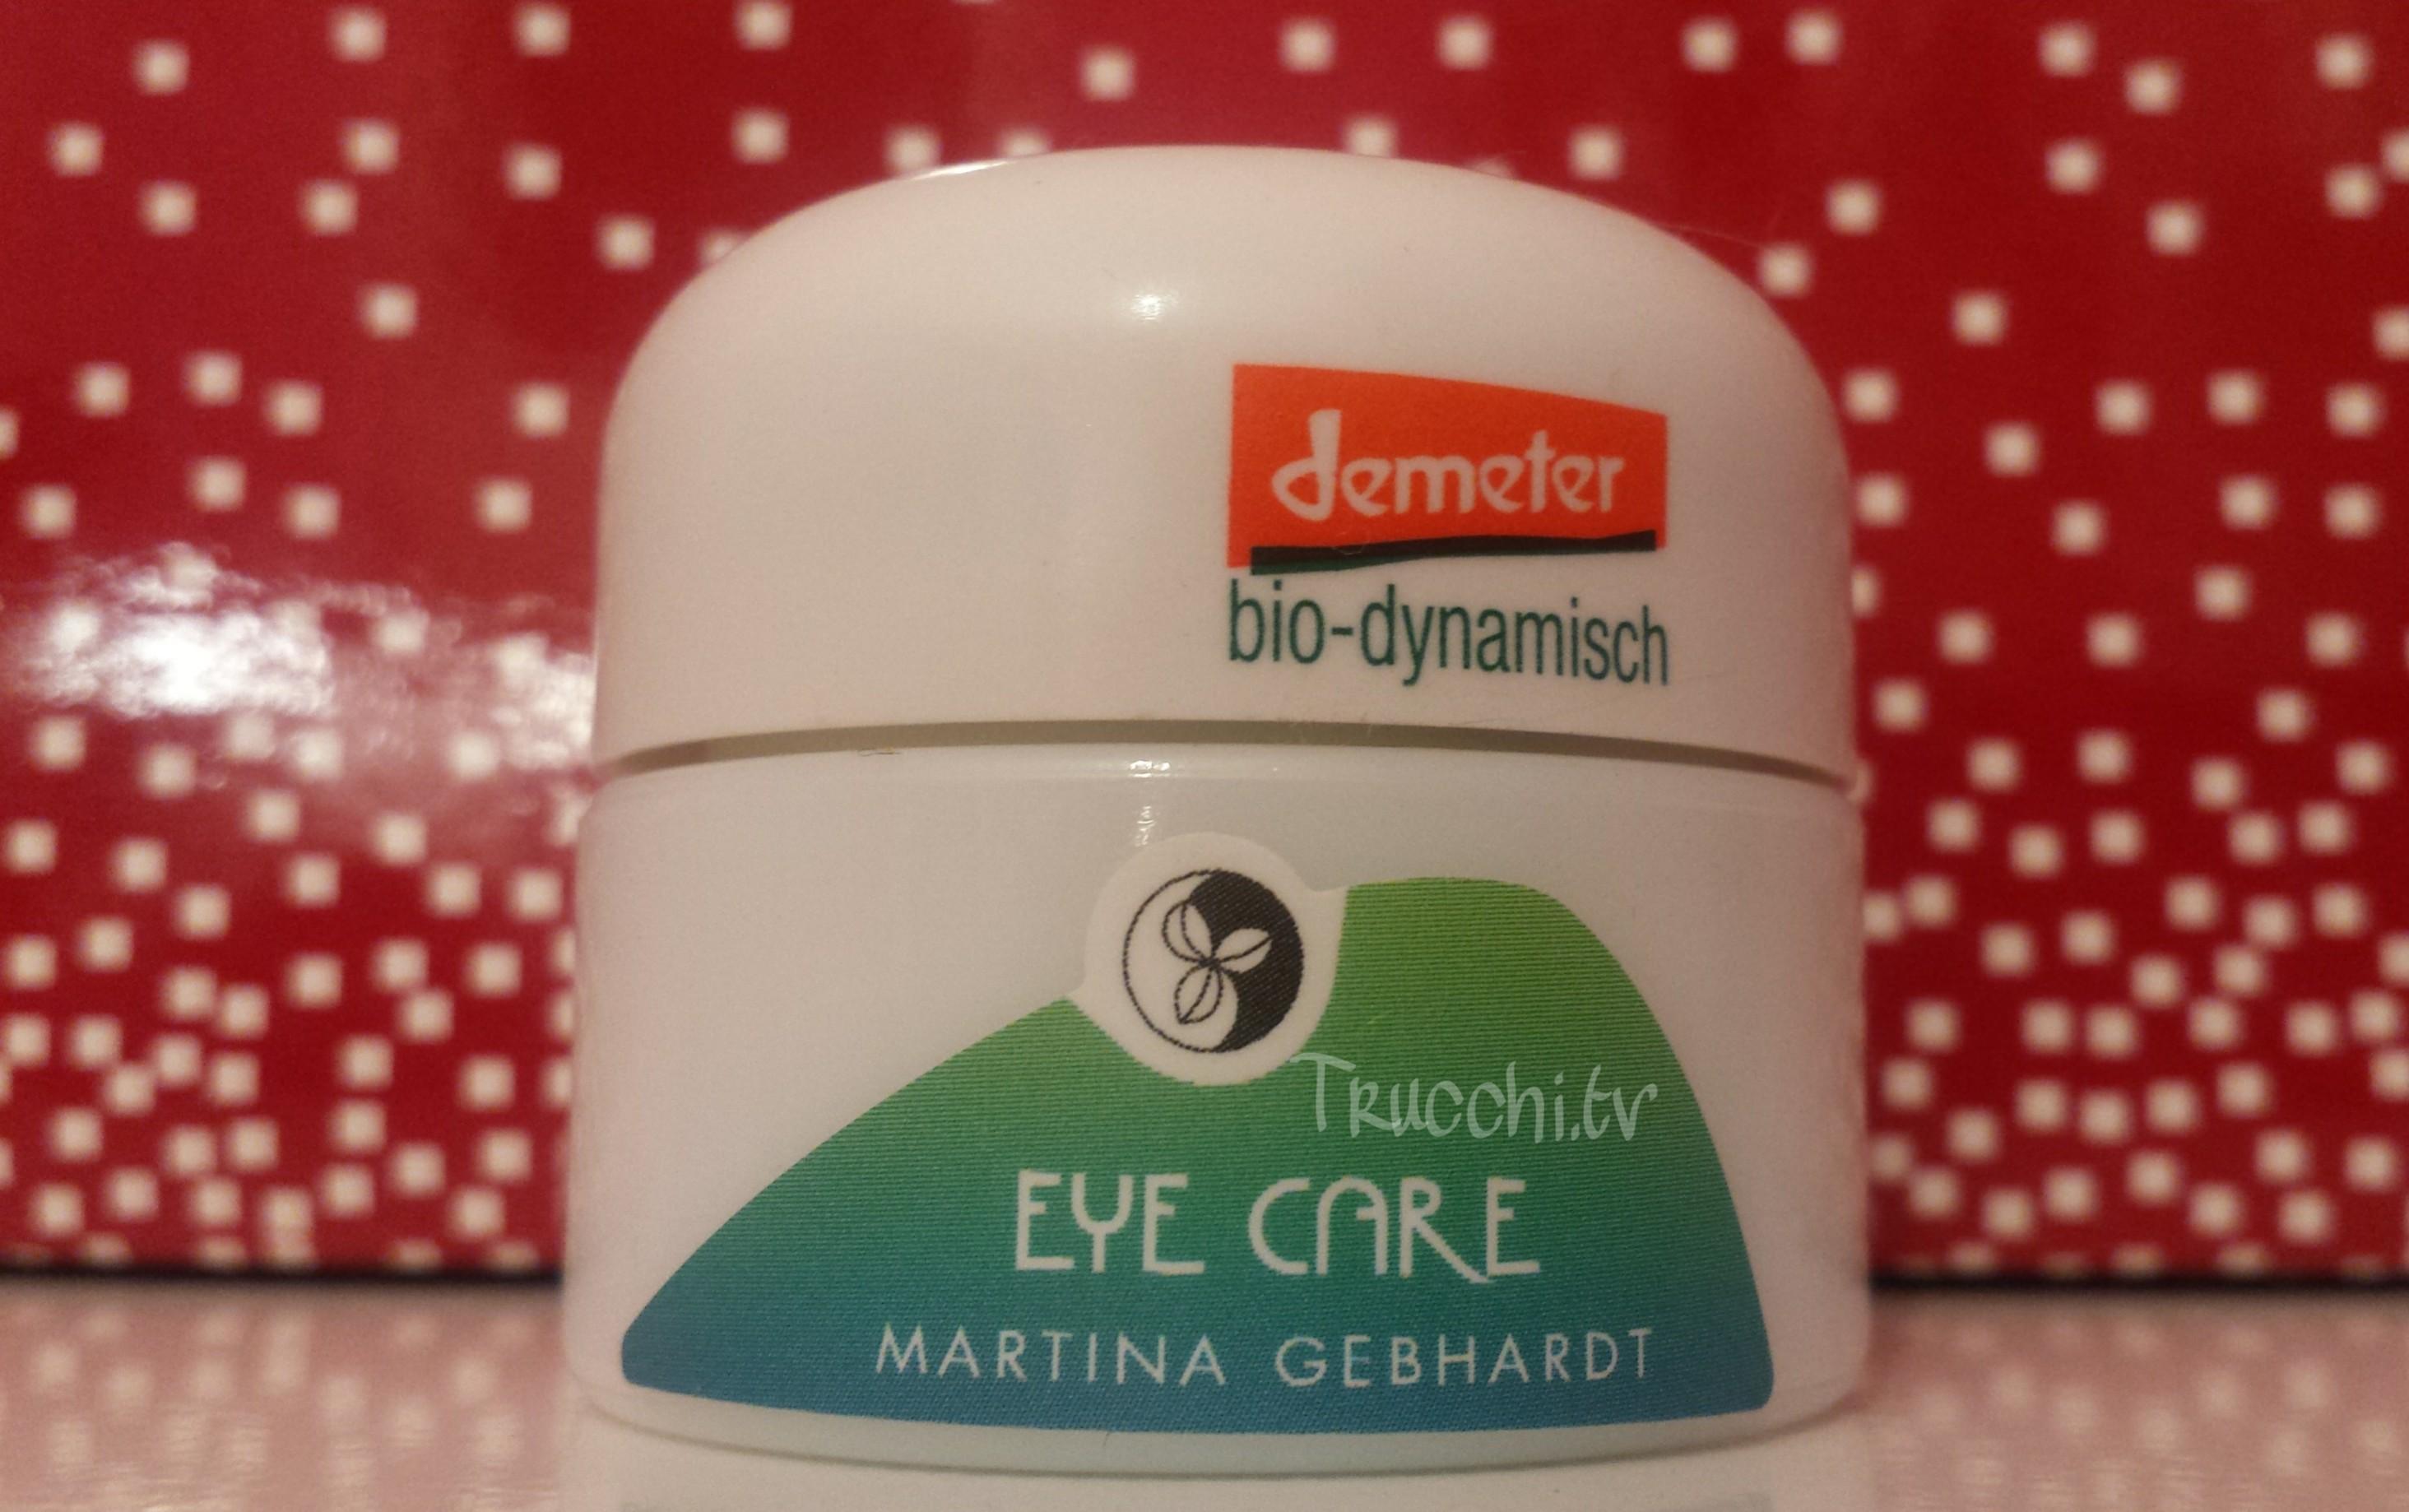 Review eye care martina Gebahardt